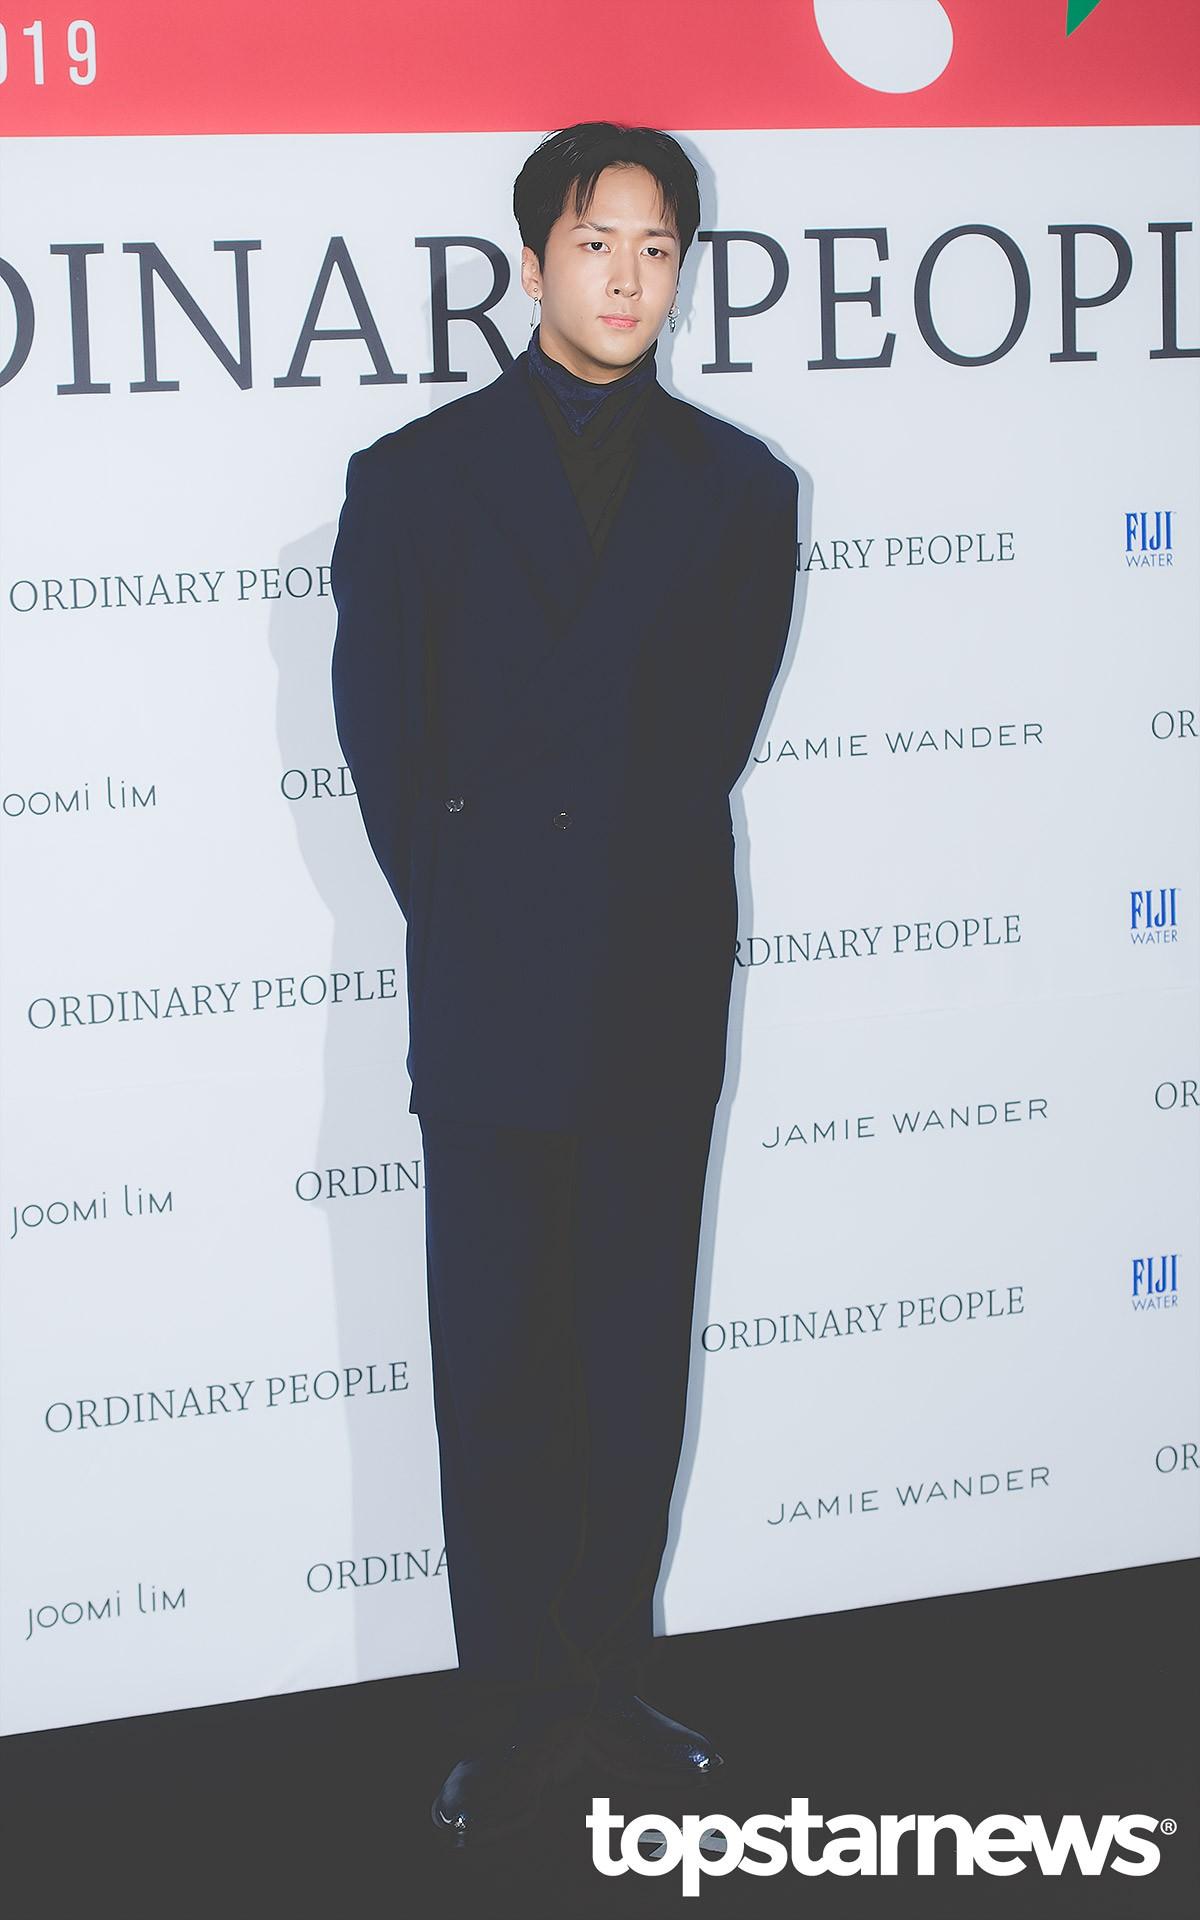 VIXX的RAVI不改一貫的歐爸風格,利用高領內搭搭配一件深藍色的西裝外套,整體就是成熟又性感啊!配上那雙大長腿,簡單的穿著也可以迷死人!